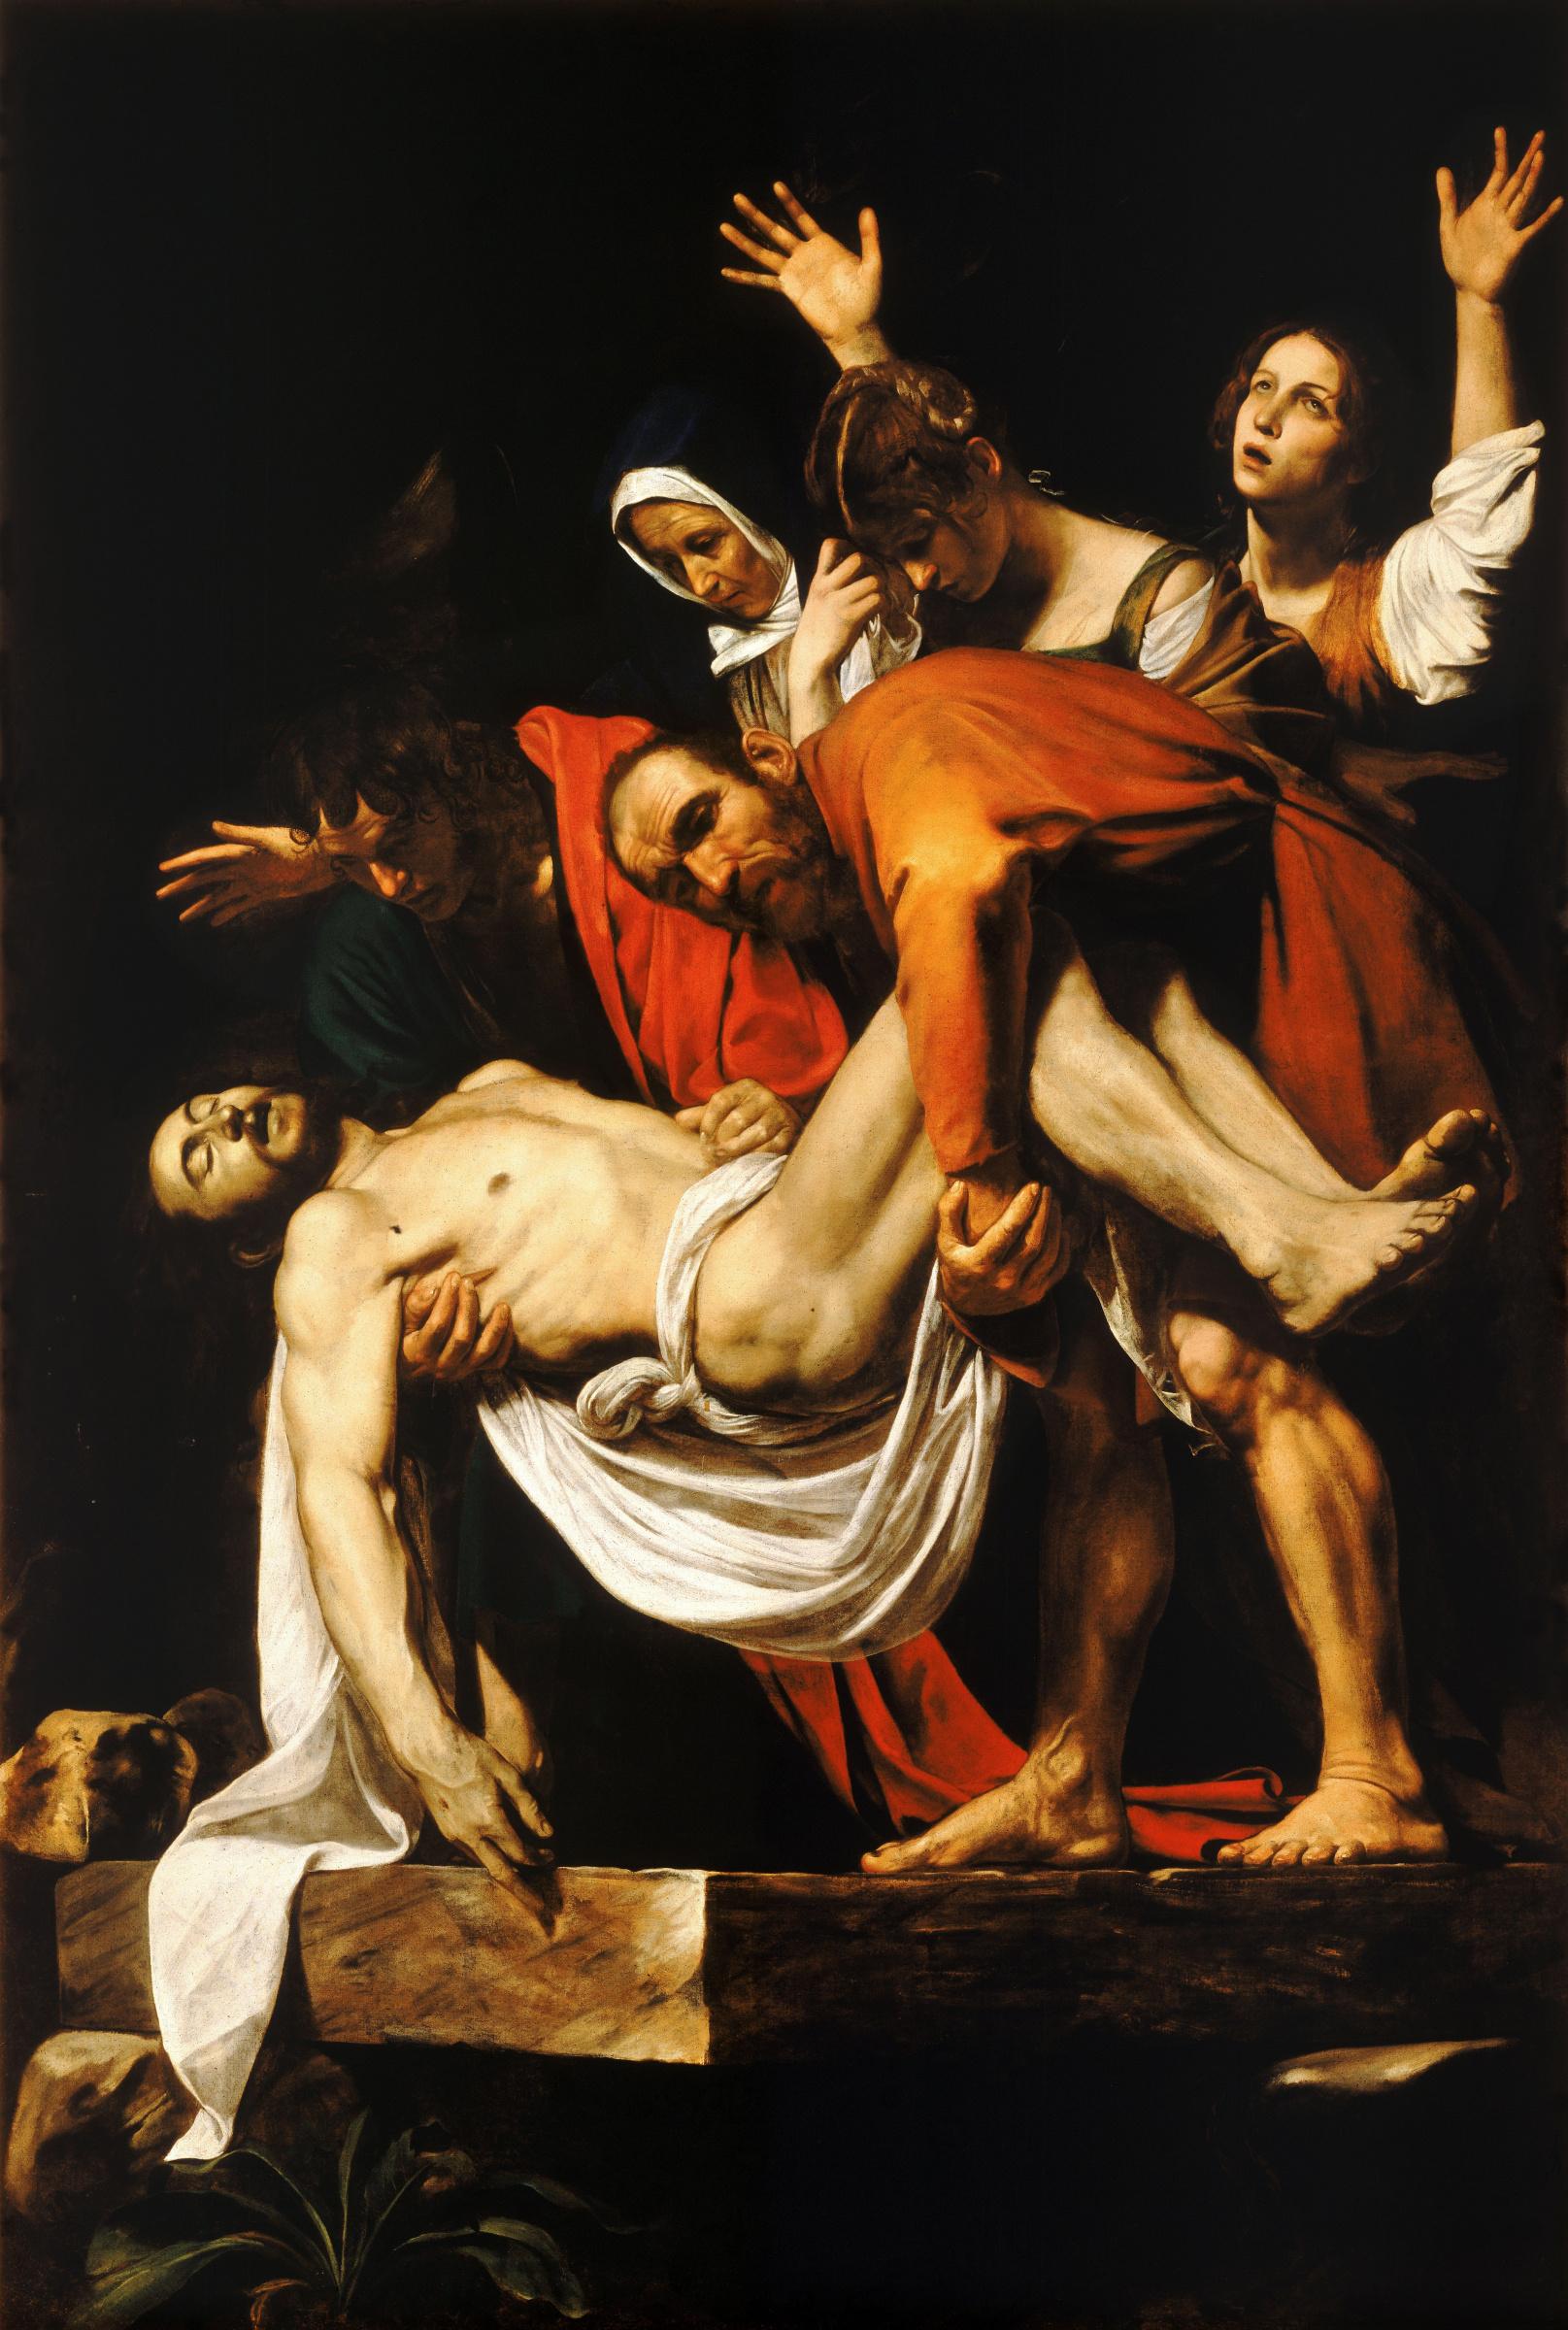 Микеланджело Меризи де Караваджо. Погребение Христа (Положение во гроб)